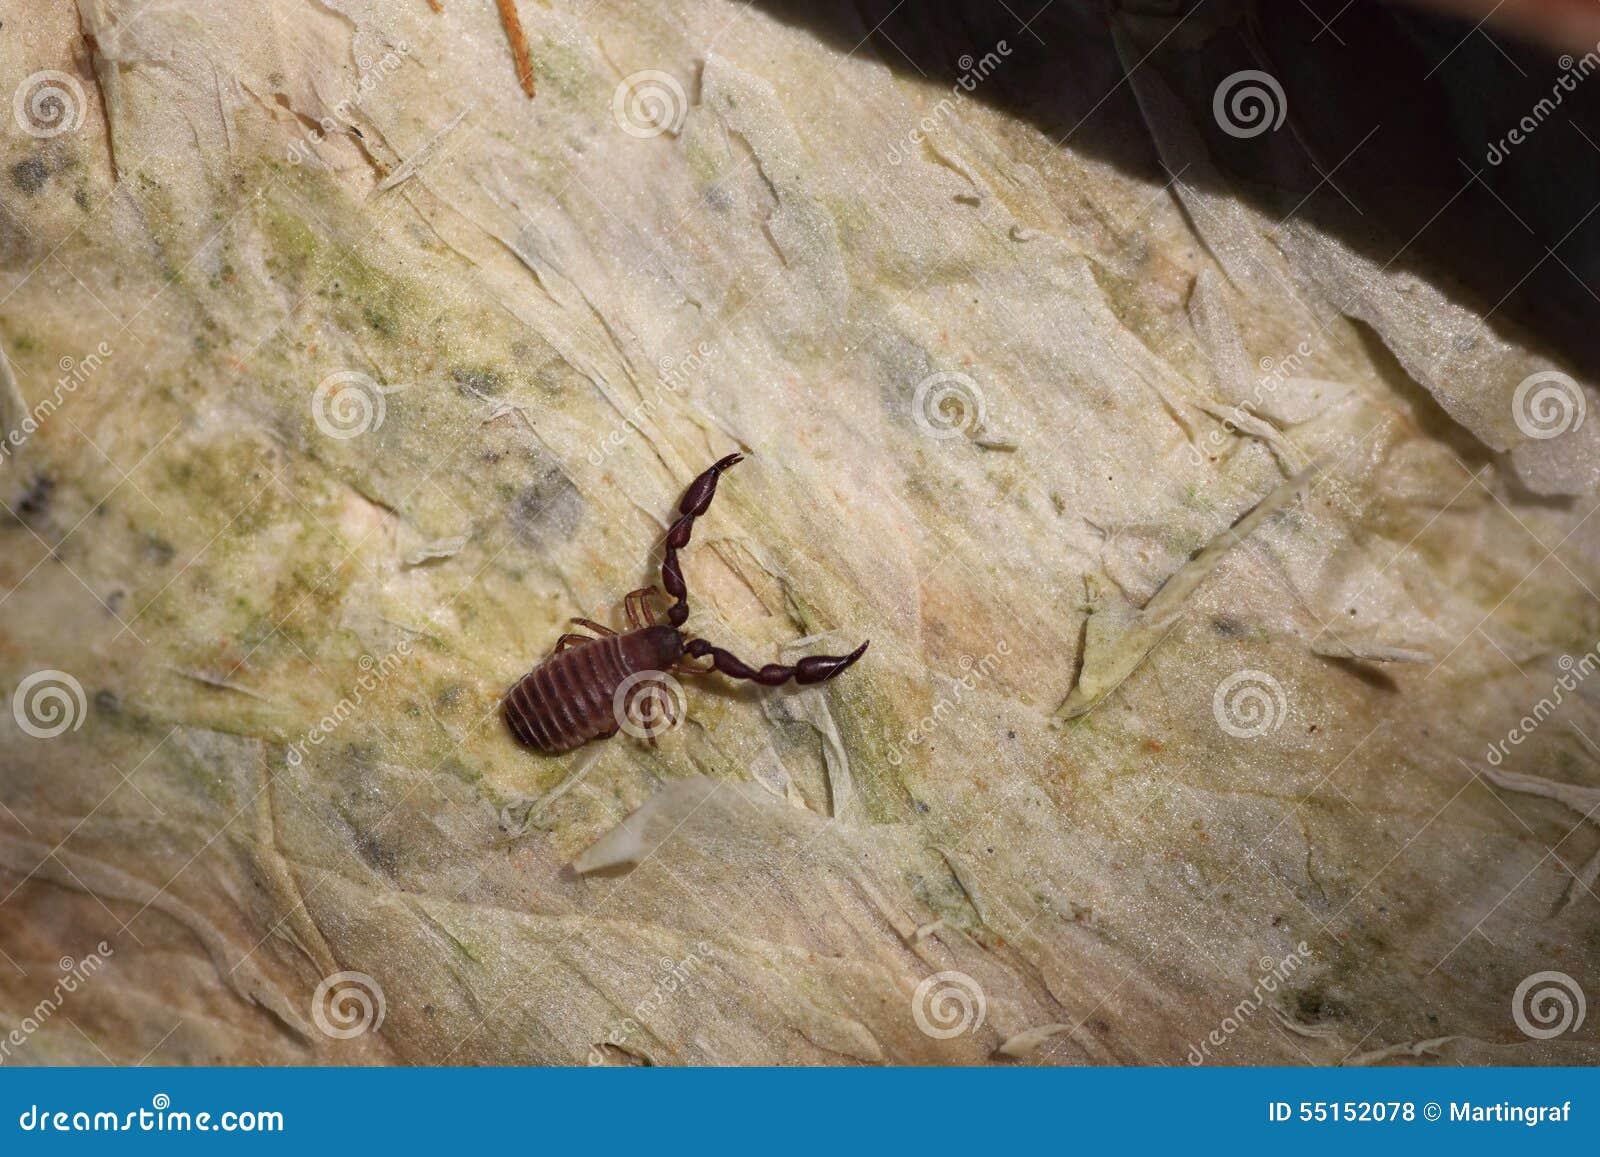 Австралийский скорпион